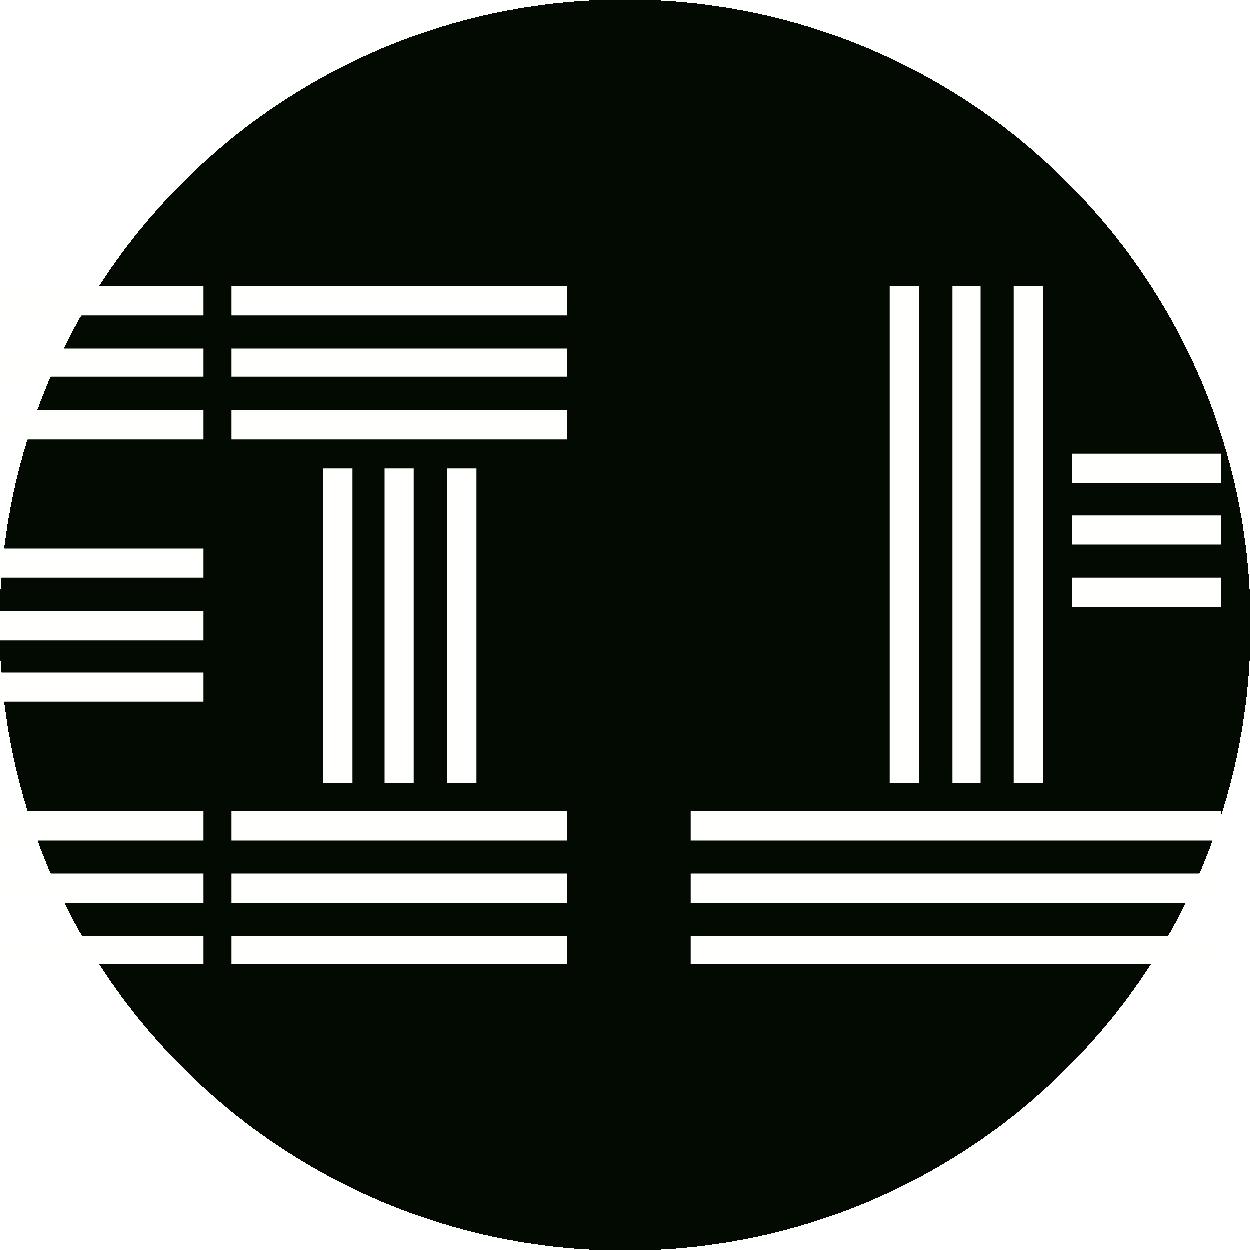 江上(上海)软件科技有限公司